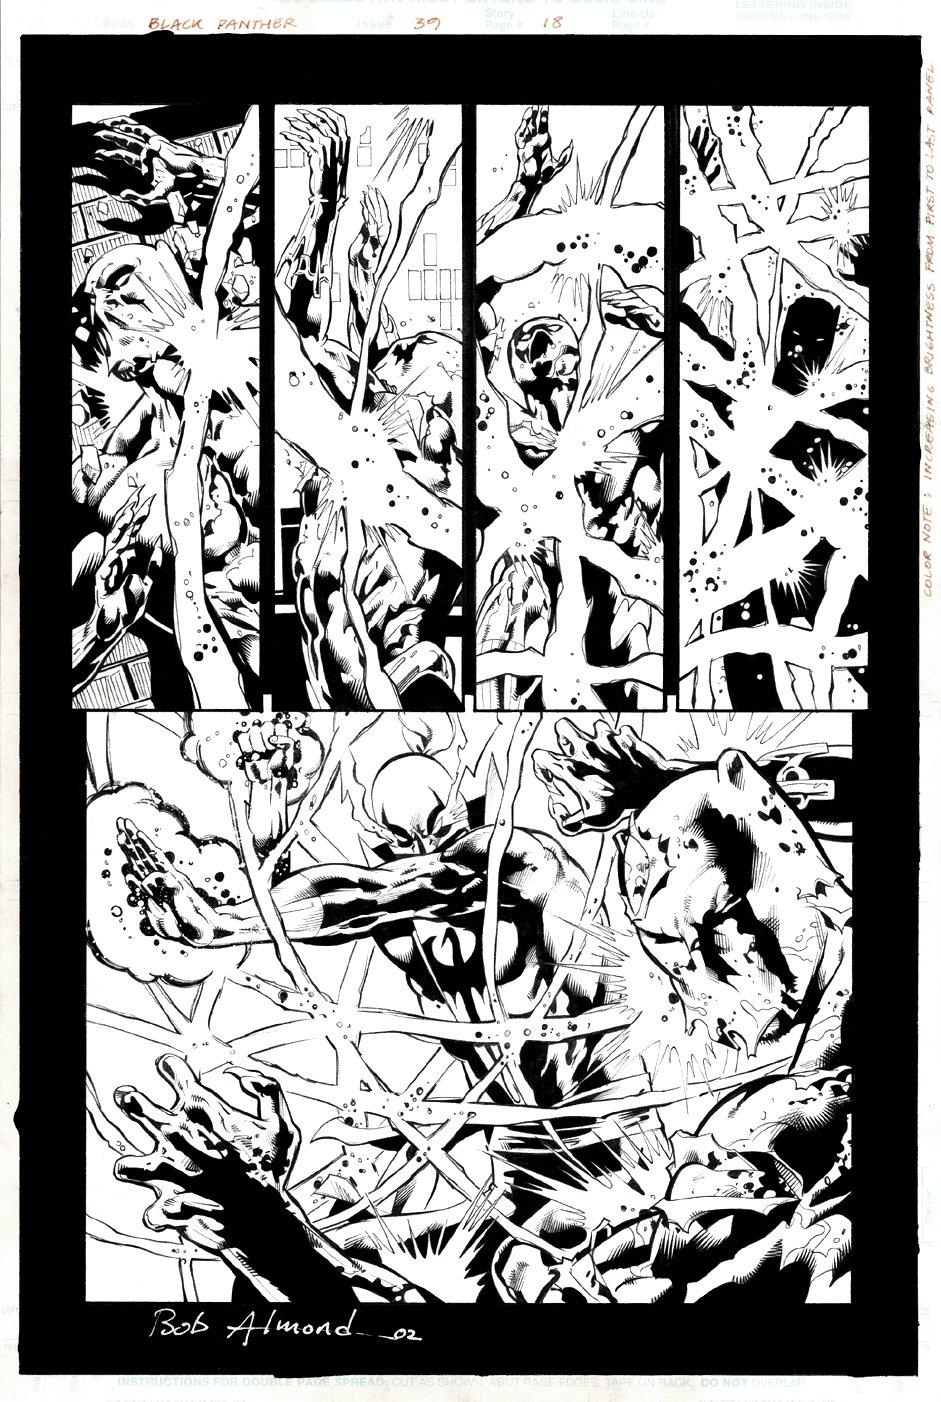 Black Panther #39 p 18 Semi-Splash (Iron Fist Battles Black Panther!) 2001